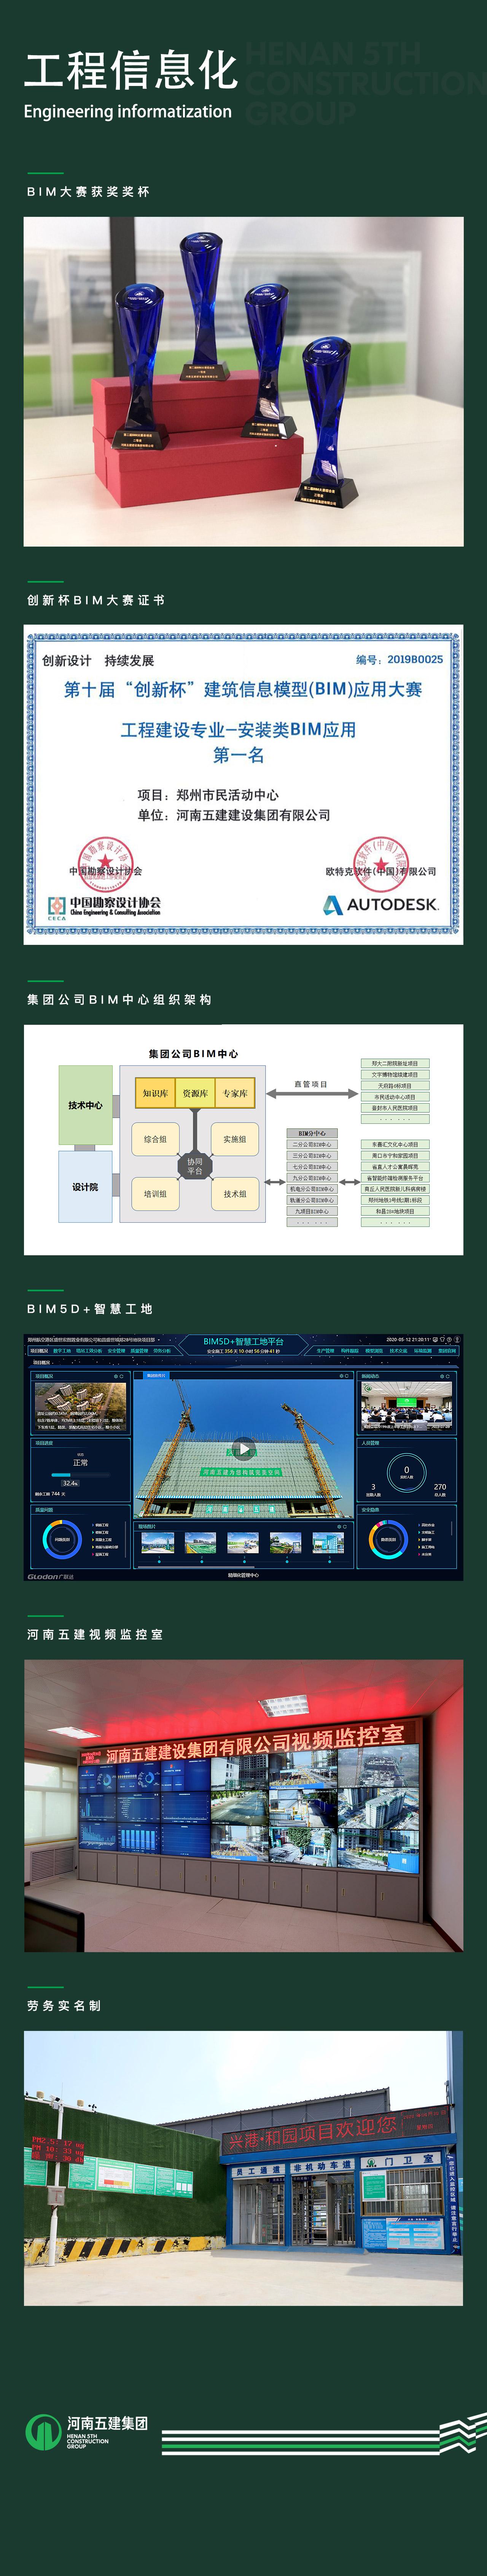 工程信息化(图1)